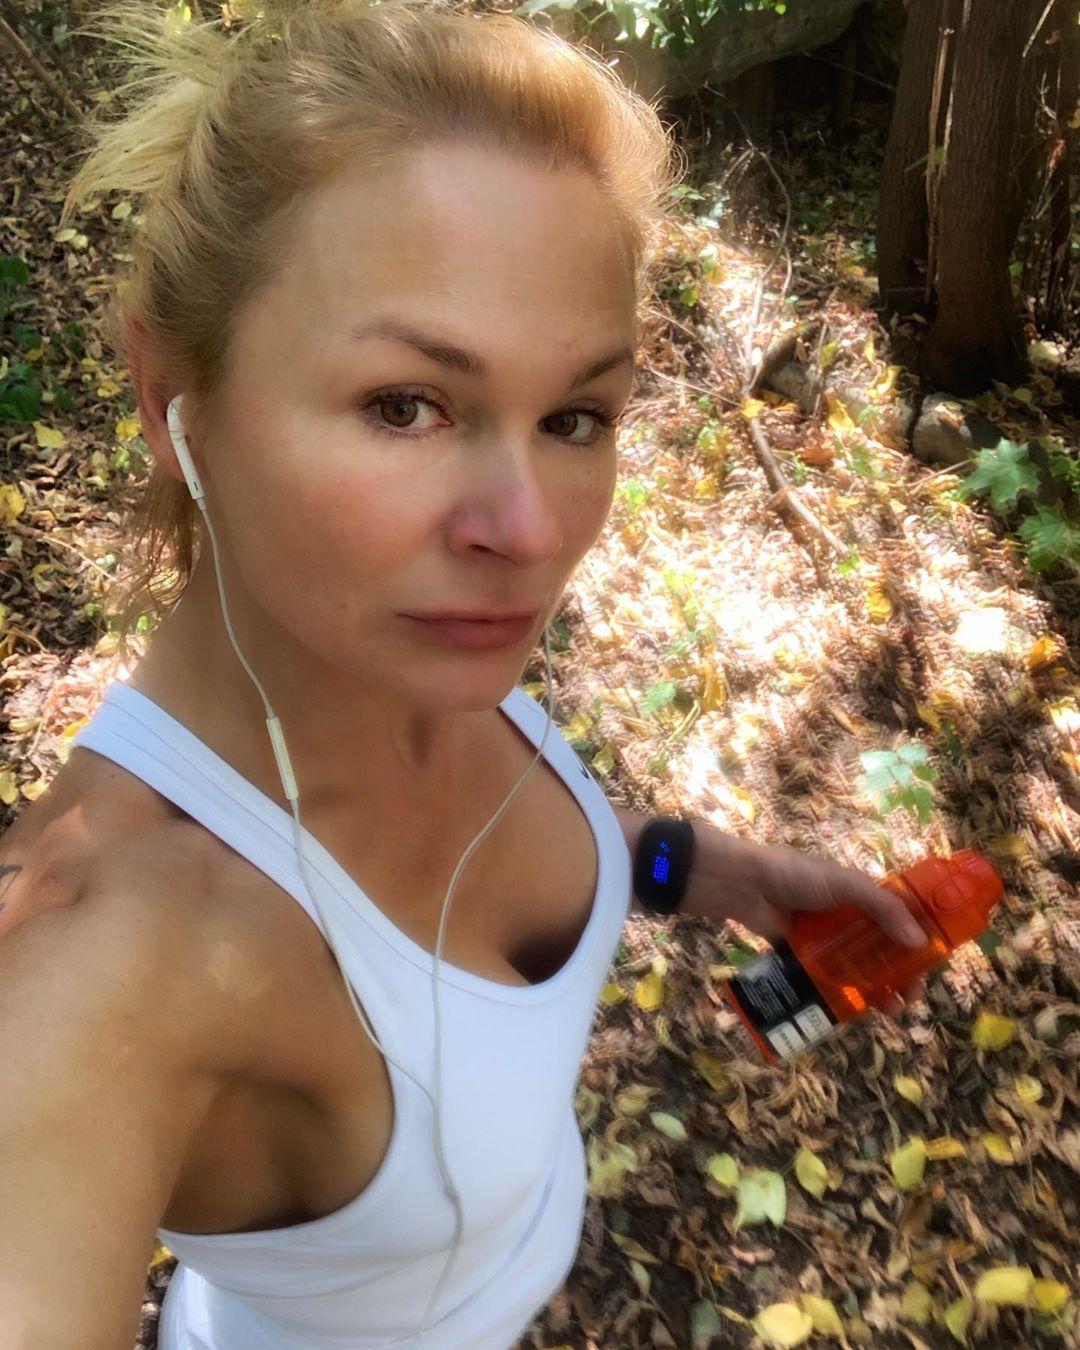 Врач-диетолог Елена Тихомирова, ее биография и личная жизнь.